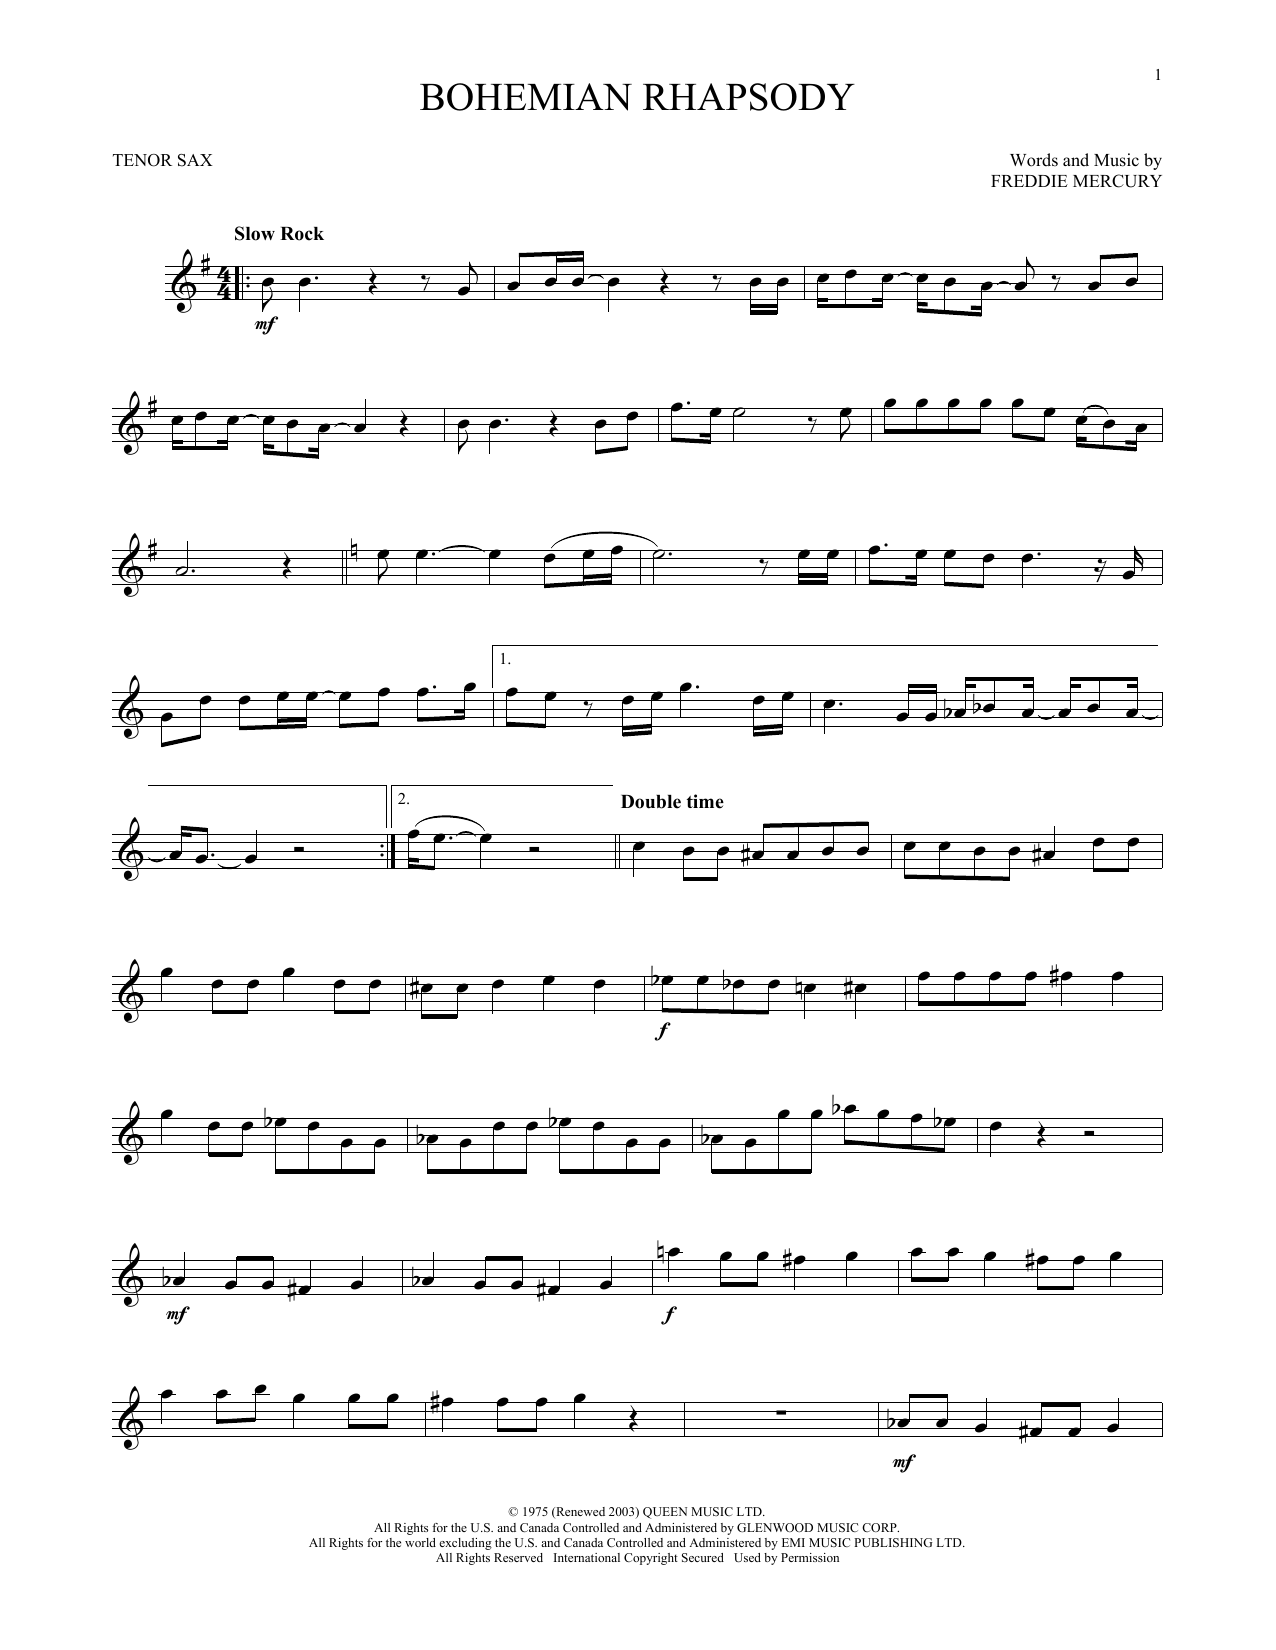 Bohemian Rhapsody (Tenor Sax Solo)